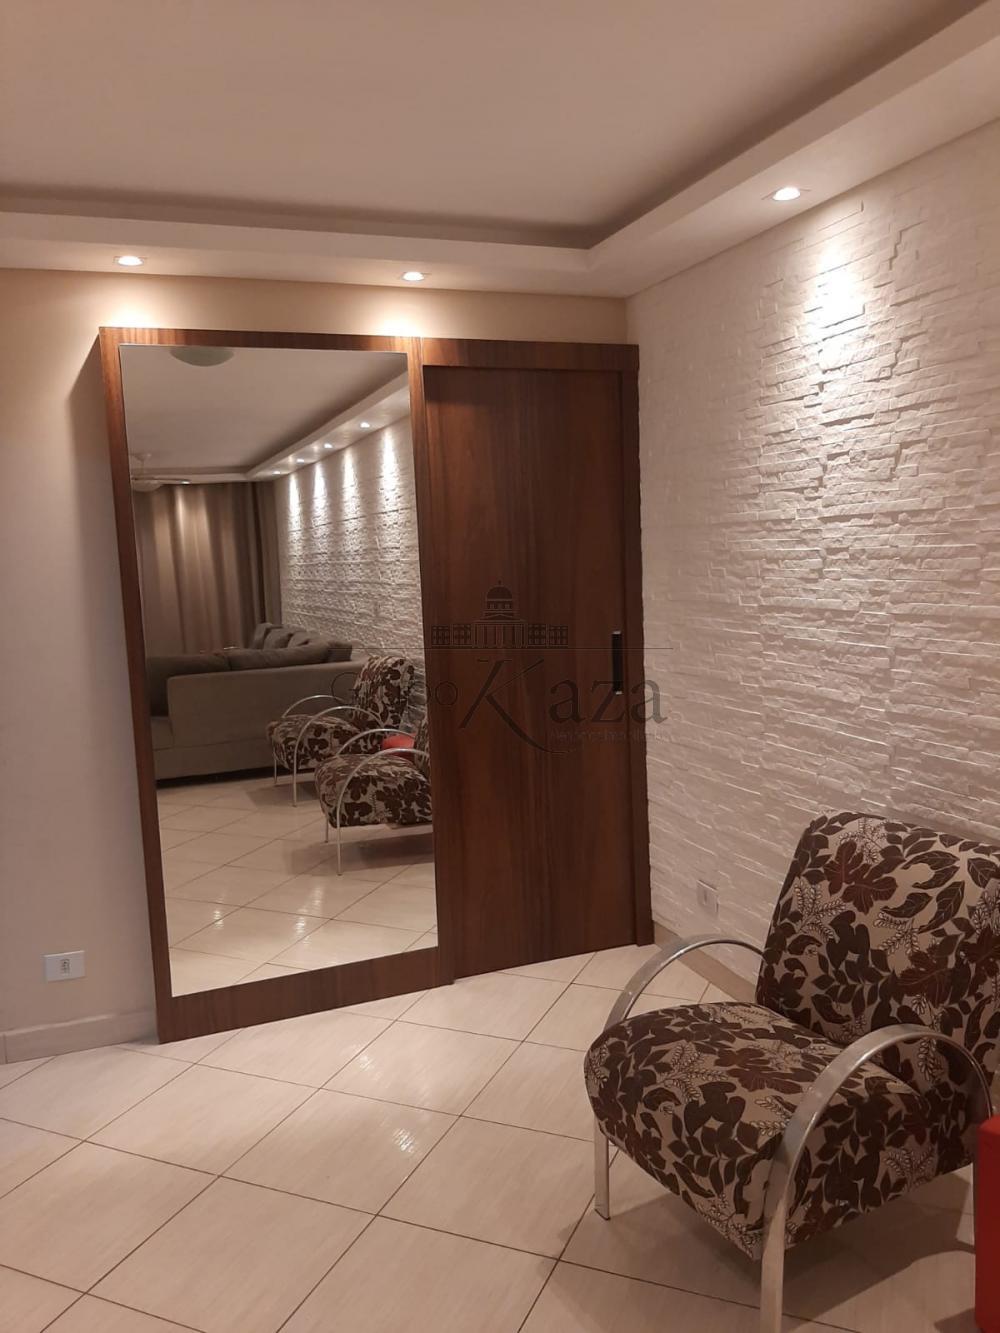 alt='Comprar Casa / Condomínio em Jacareí R$ 395.000,00 - Foto 8' title='Comprar Casa / Condomínio em Jacareí R$ 395.000,00 - Foto 8'